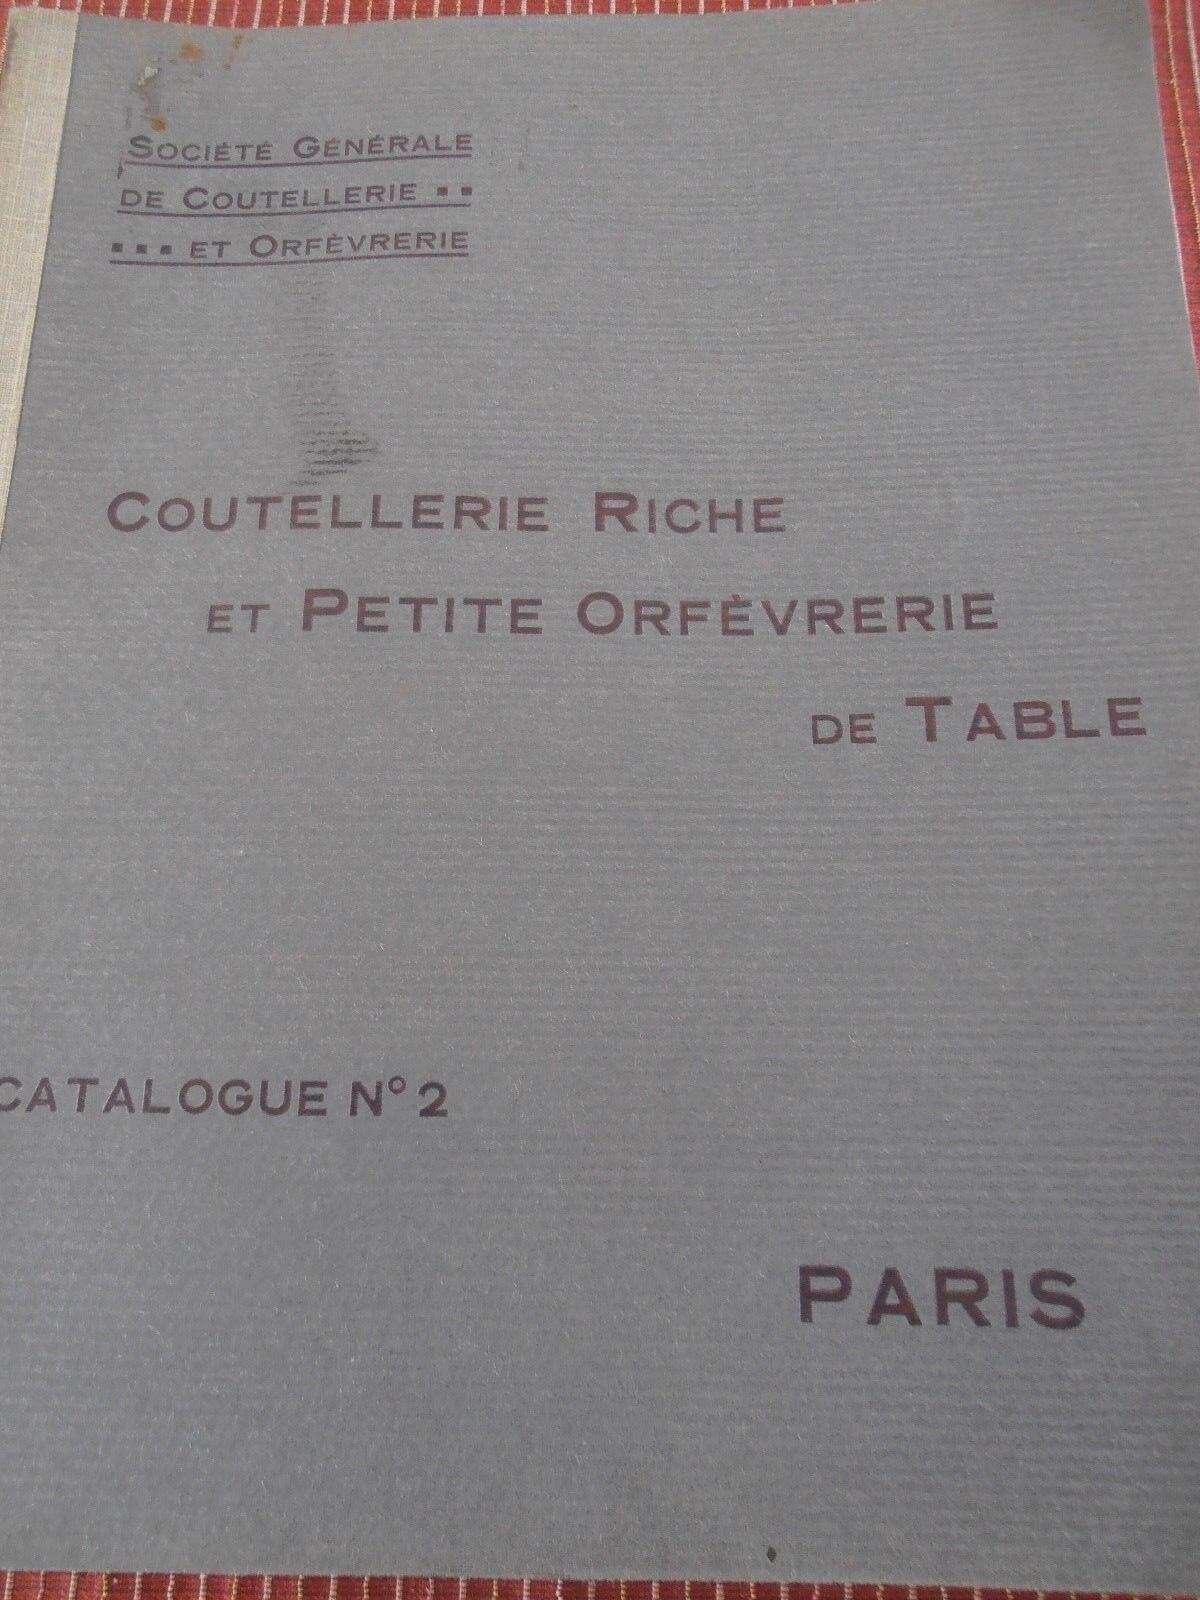 CATALOGUE DE COUTELLERIE ET ORFEVRERIE D'ART NOGENT ET THIERS 1914  ( ref 42 )